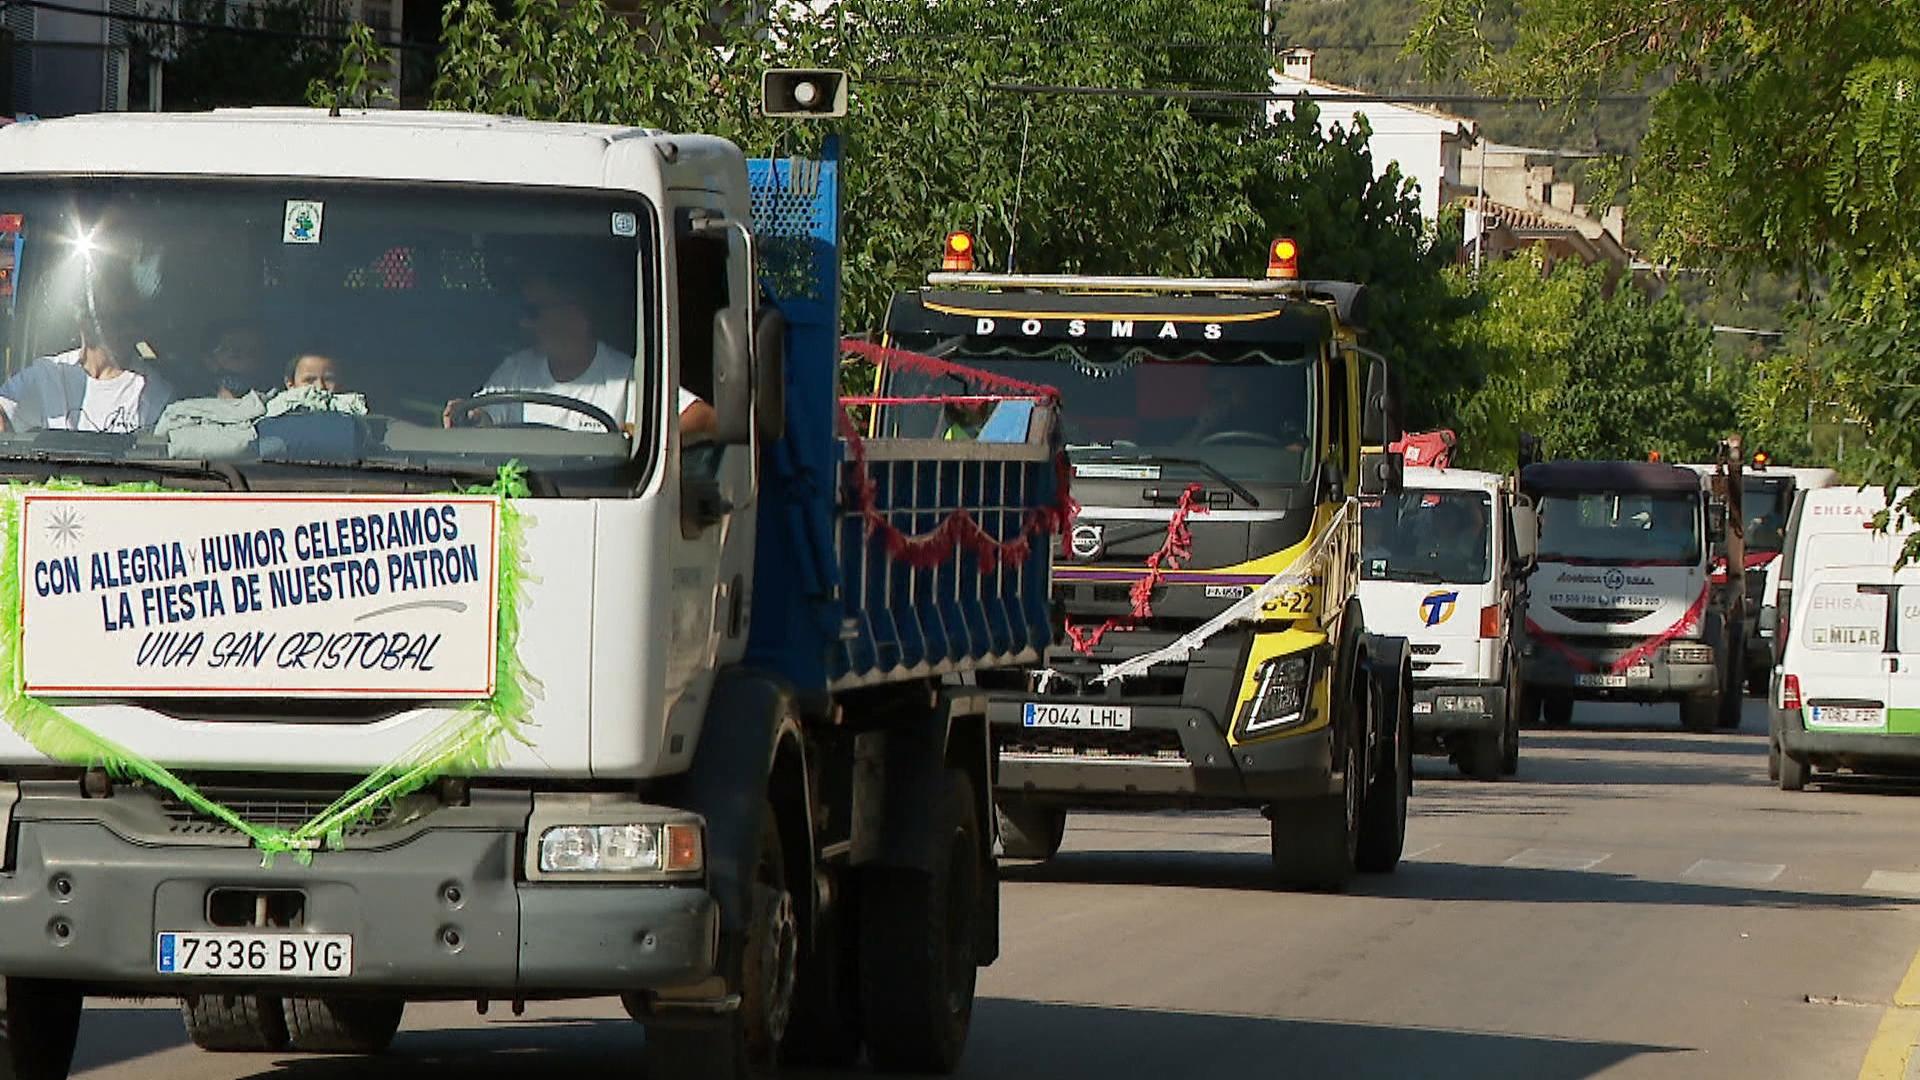 Una+trentena+de+camioners+desfilen+a+Pollen%C3%A7a+per+Sant+Crist%C3%B2fol